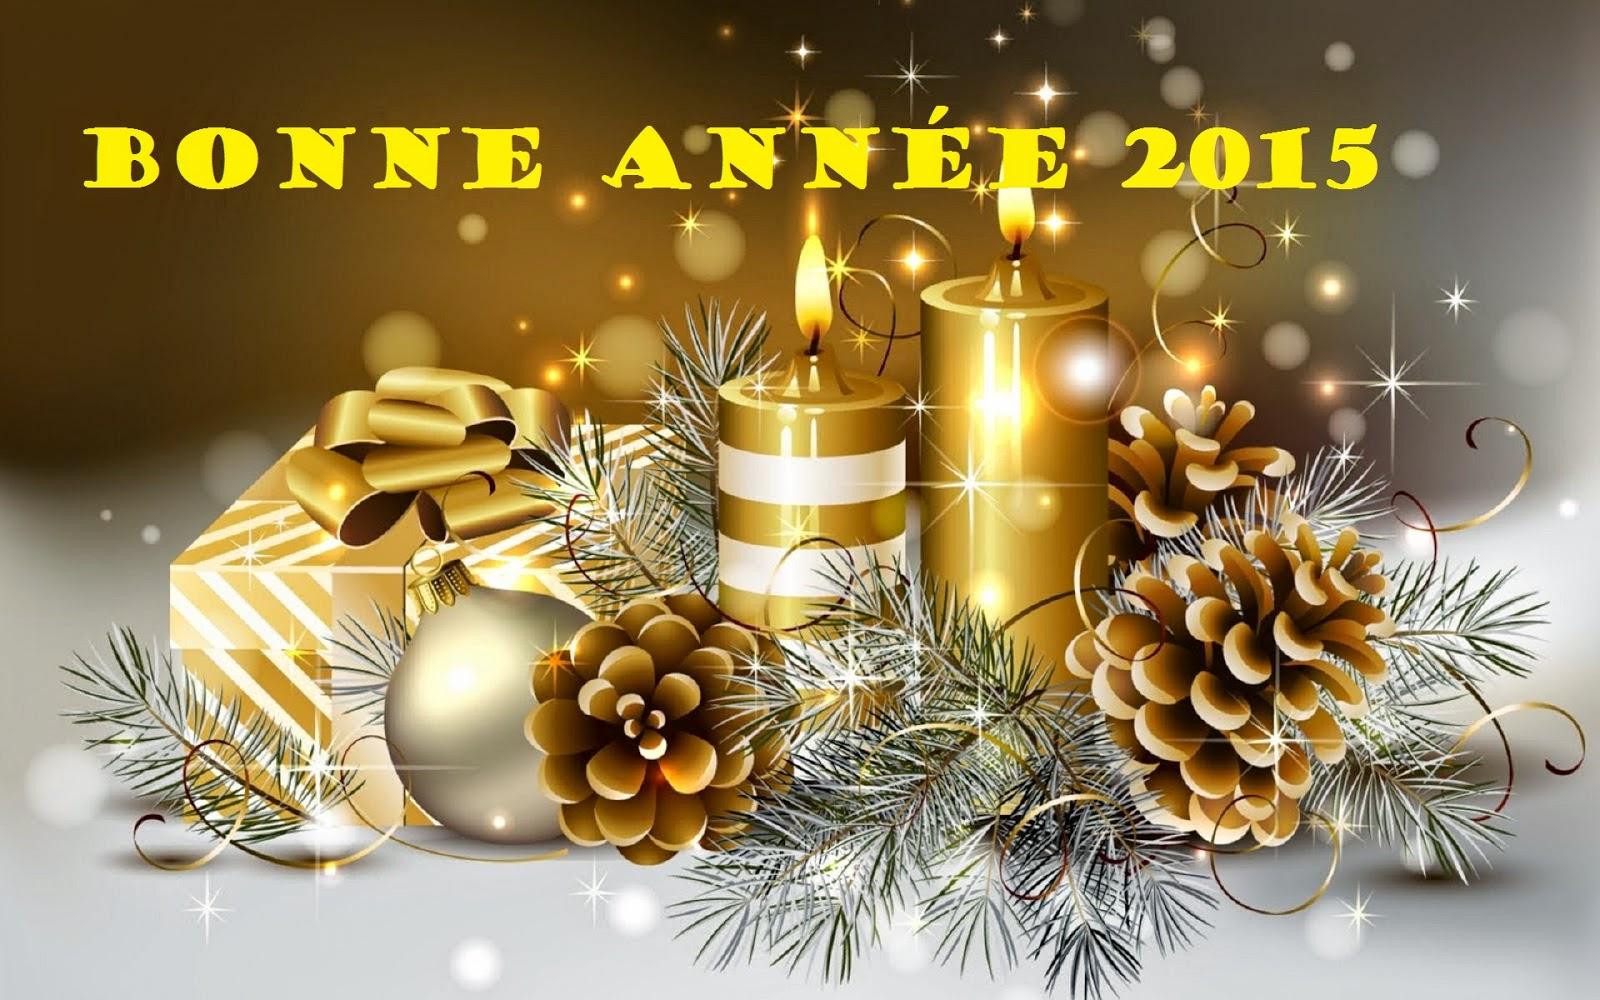 MEILLEURS VOEUX POUR 2015 Happy-new-year-shop_287917